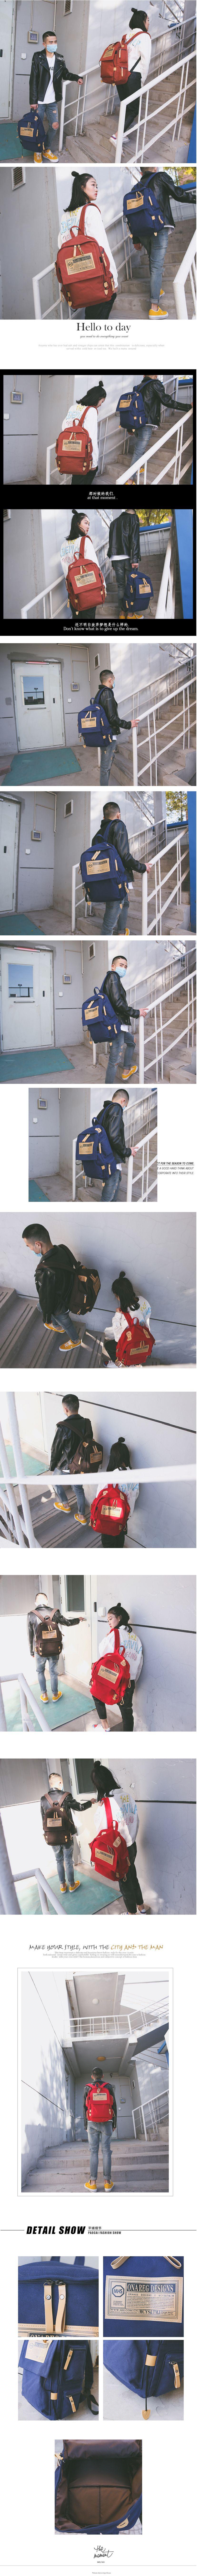 รองเท้าชาย กระเป๋าเป้ผ้าใบสะพายหลังแฟชั่นผู้ชายเกาหลี